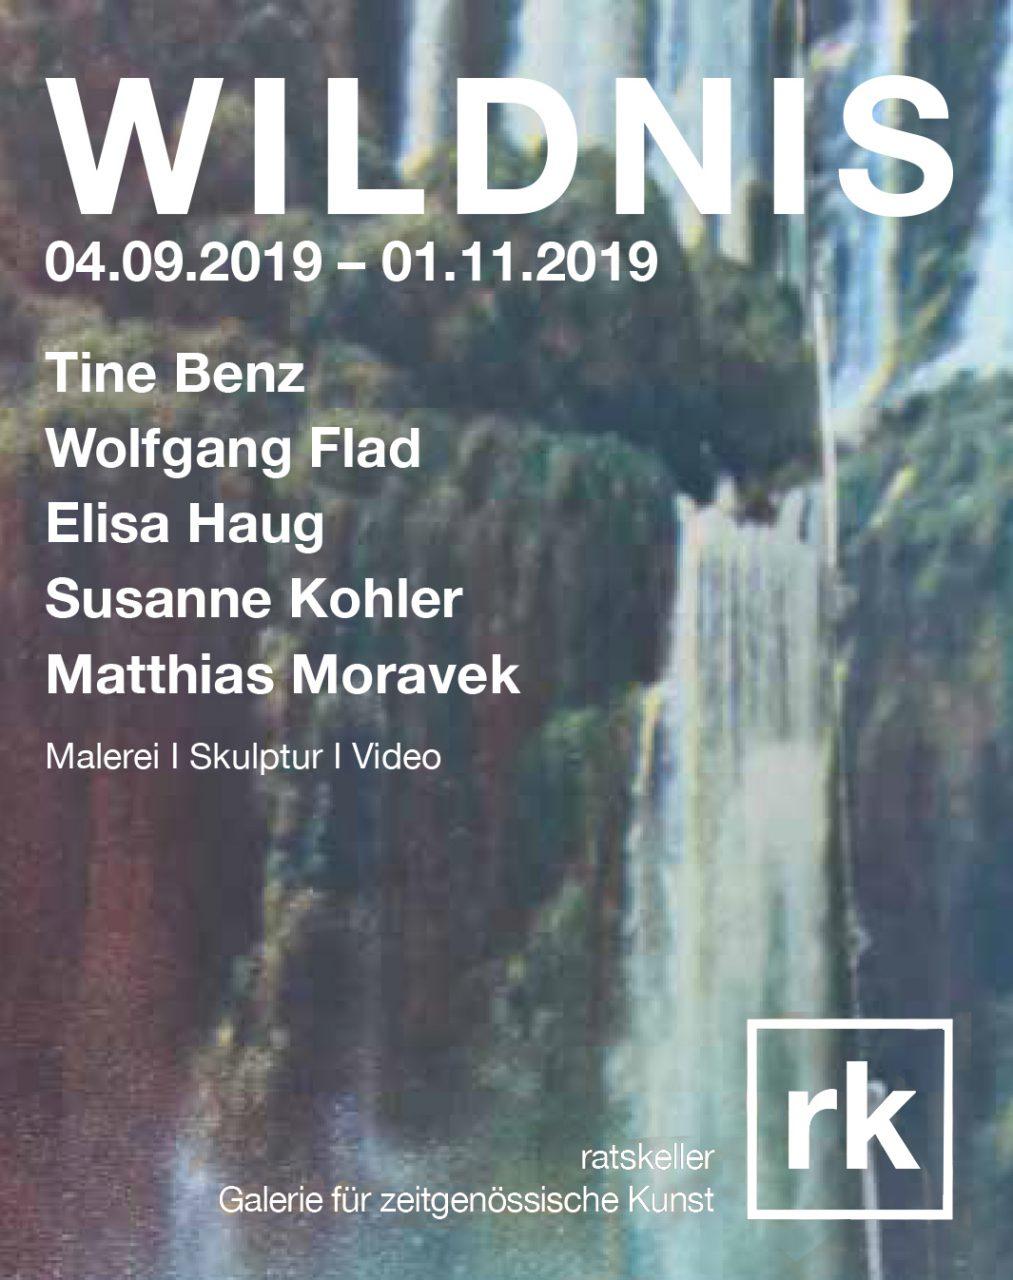 WILDNIS: Tine Benz / Wolfgang Flad / Elisa Haug / Susanne Kohler / Matthias Moravek image